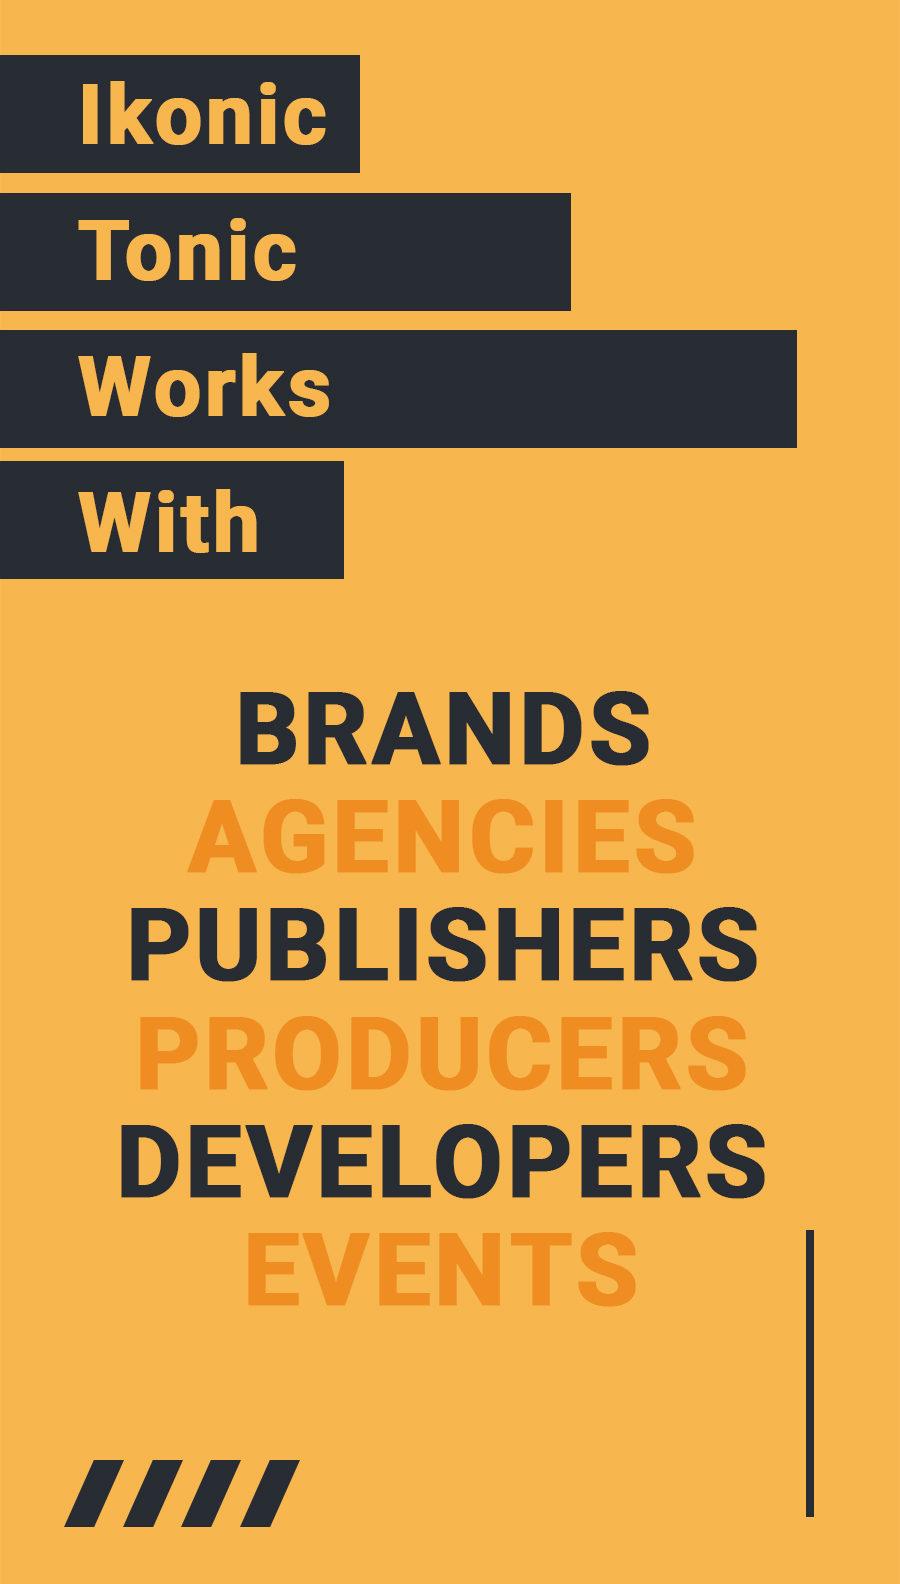 San Diego strategic brand marketing agency